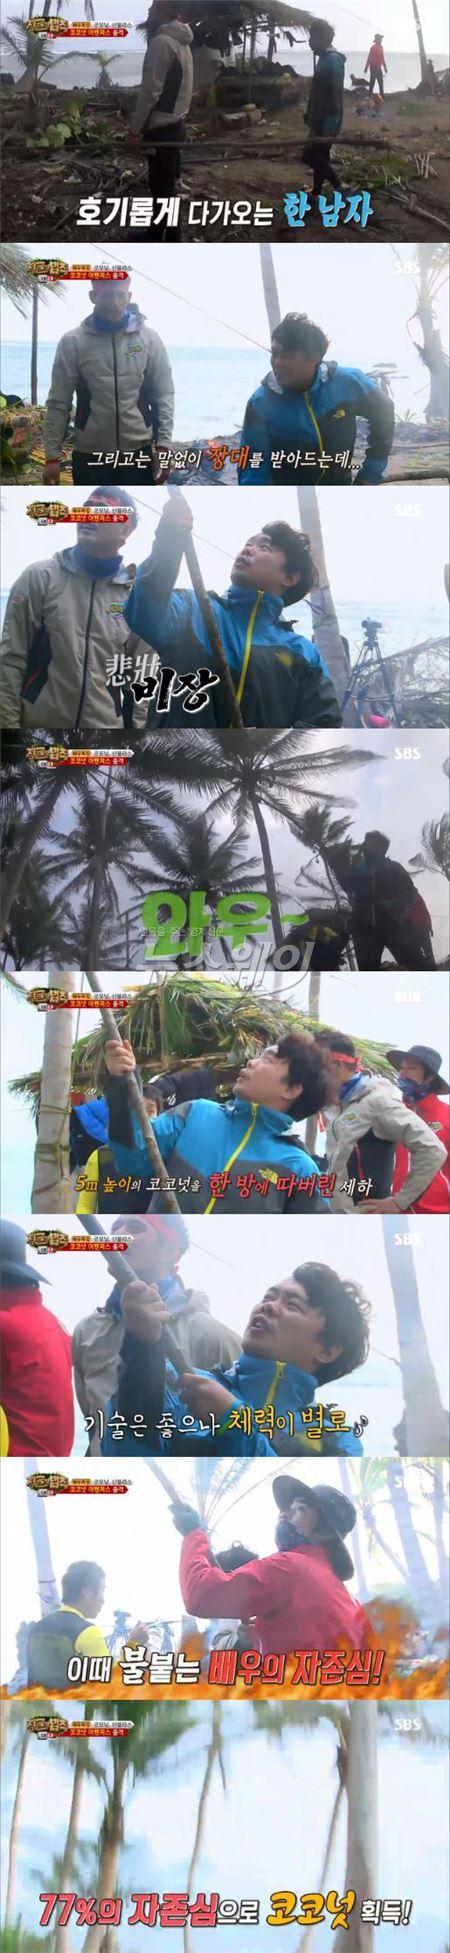 안세하, 5m 높이 코코넛 한 번에 따기 성공…안세하의 재발견